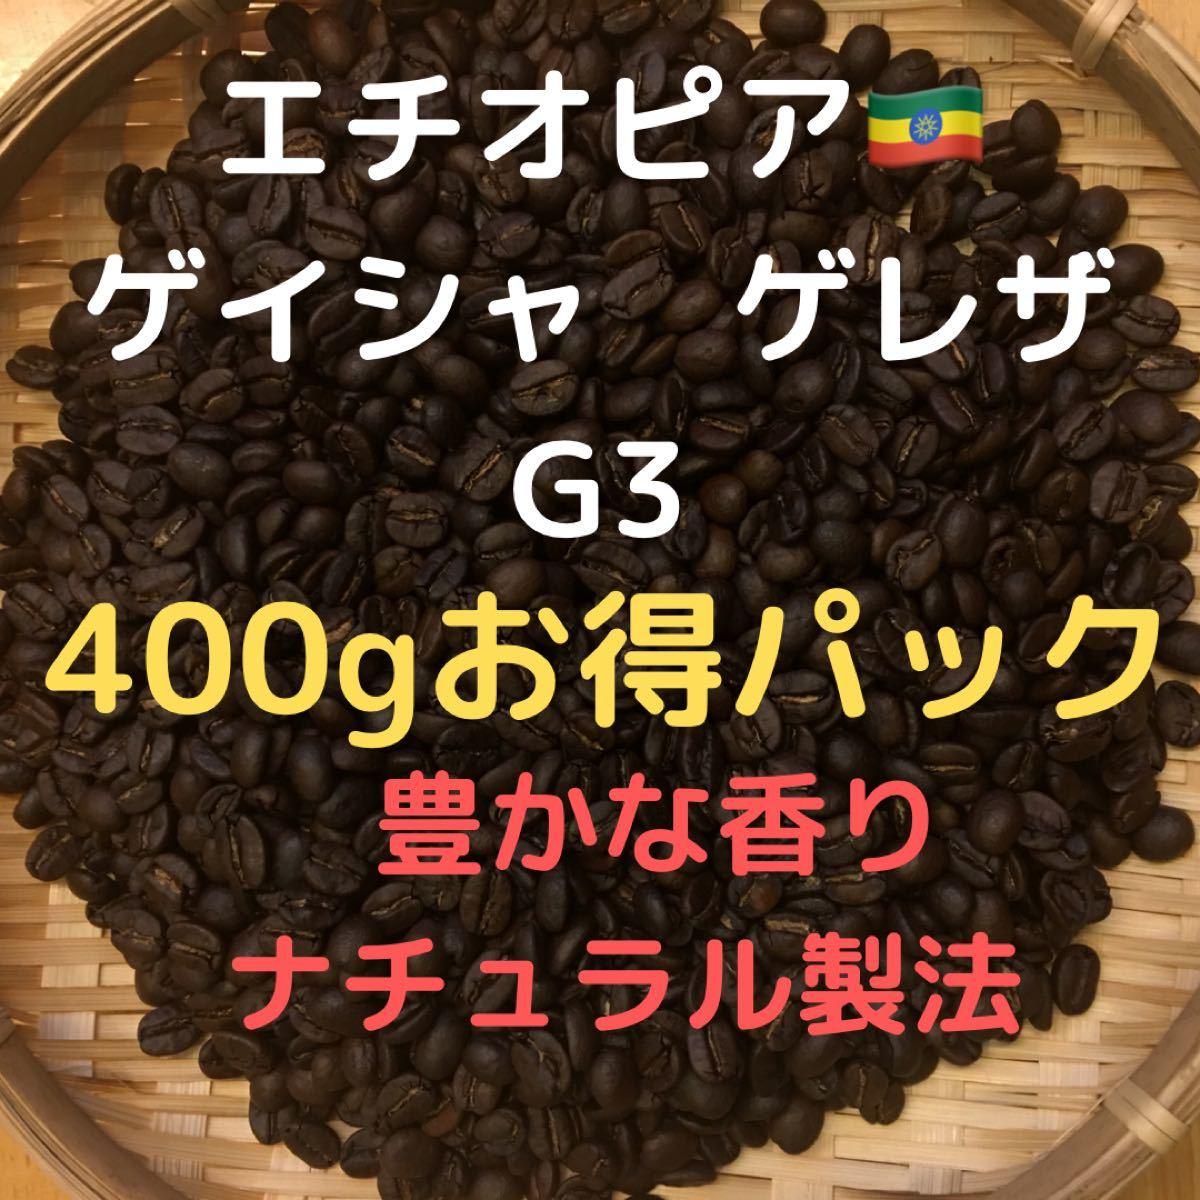 自家焙煎 エチオピア ゲイシャ ゲレザG3 400g(豆又は粉)匿名配送参